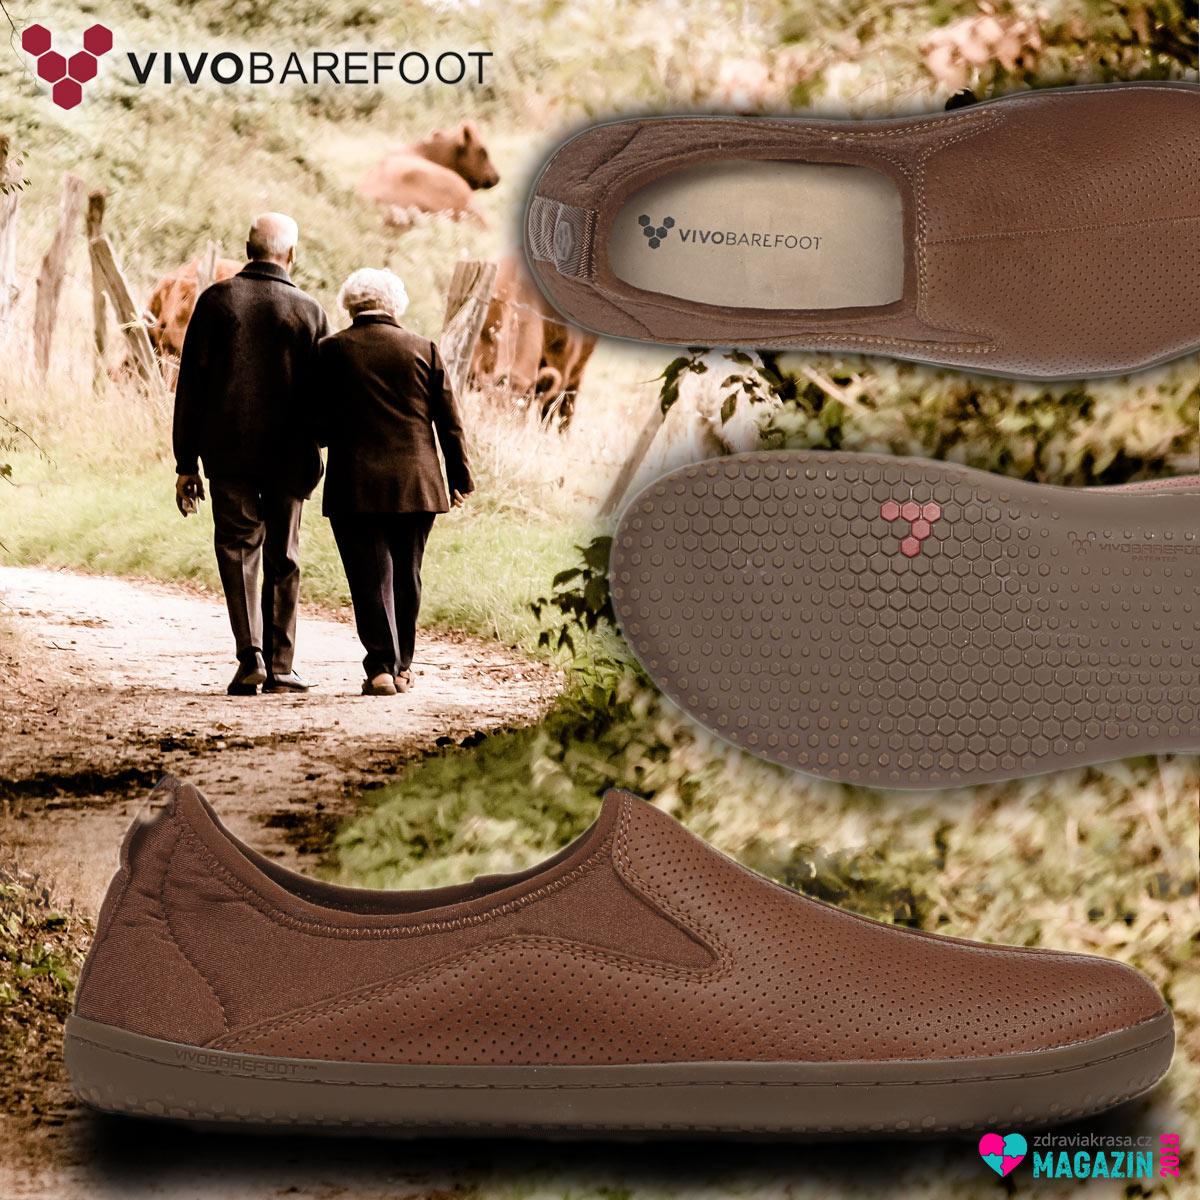 Kožené boty VIVOBAREFOOT se vyrábí z kůže Pittards® Wild Hide. Zalíbení v nich najdete bez ohledu na věk.